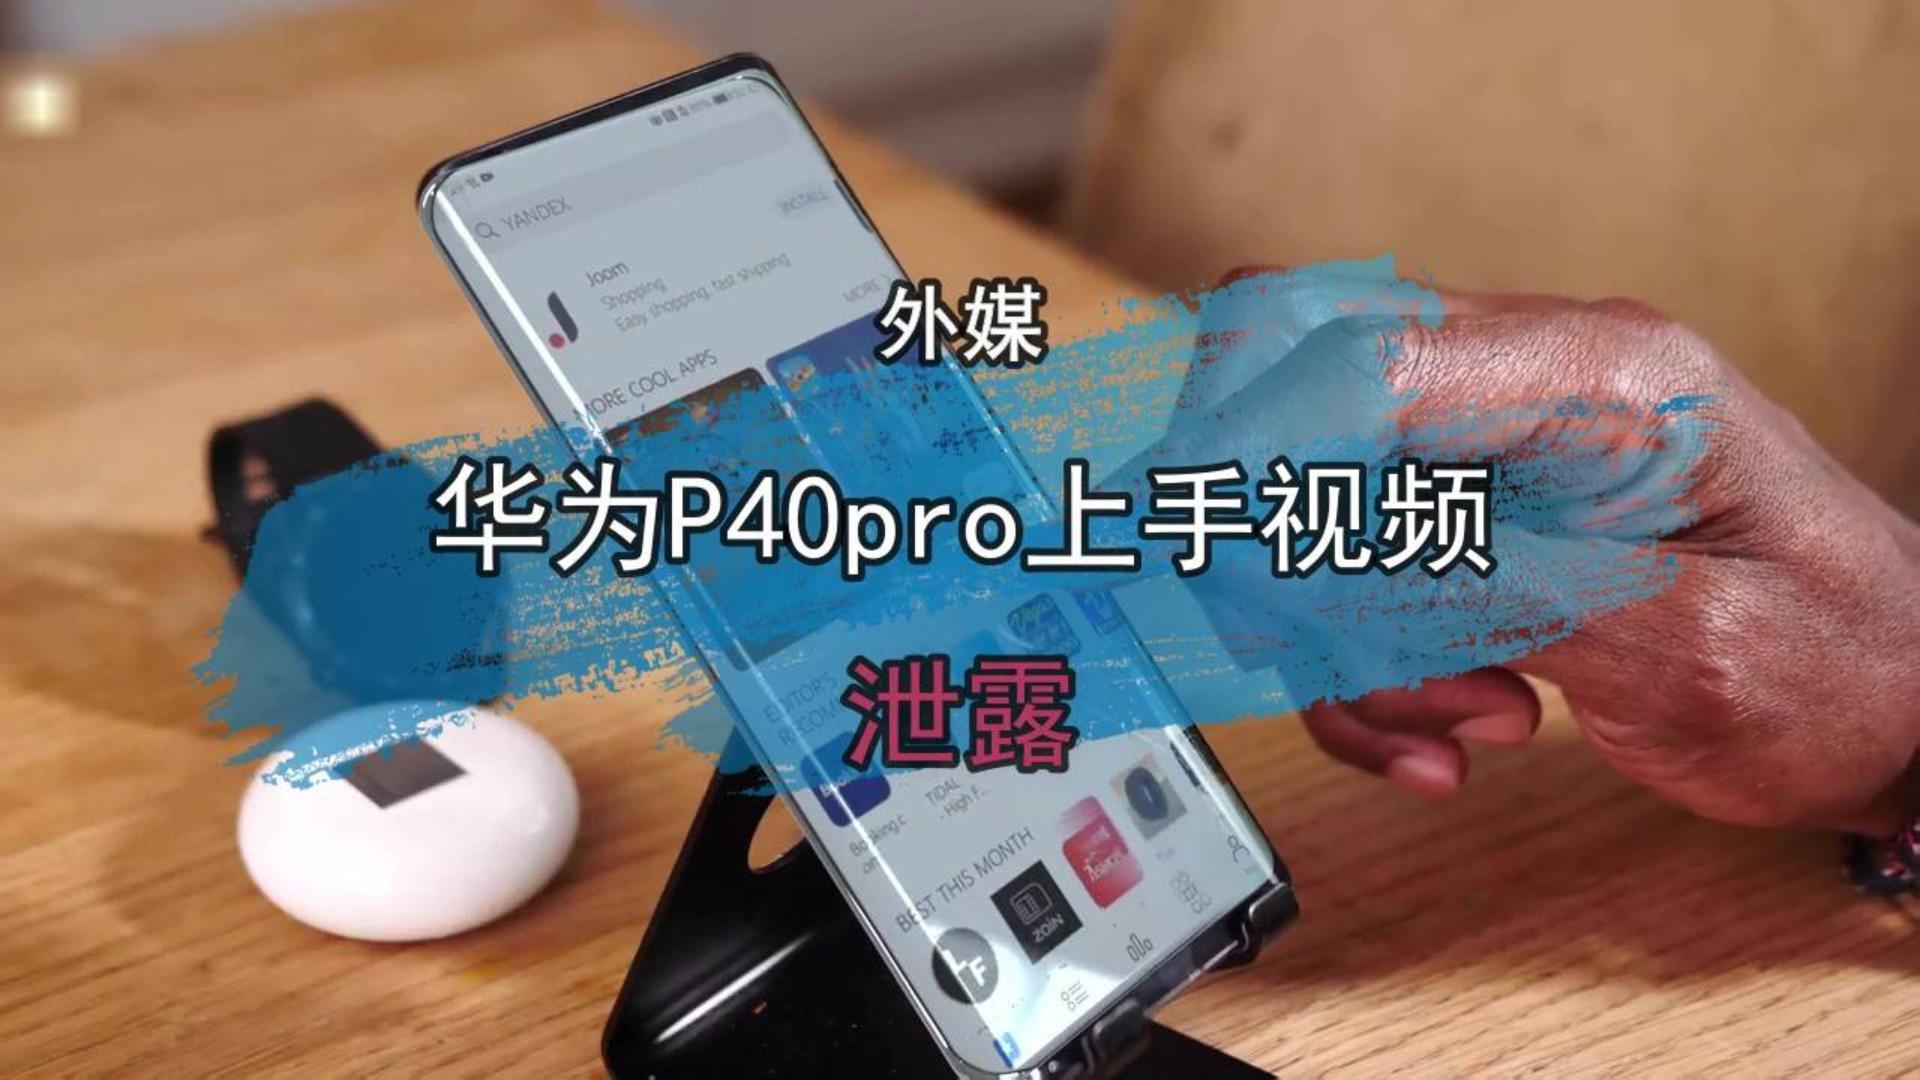 华为P40pro,外媒上手视频泄露,屏下隐藏摄像头稳了